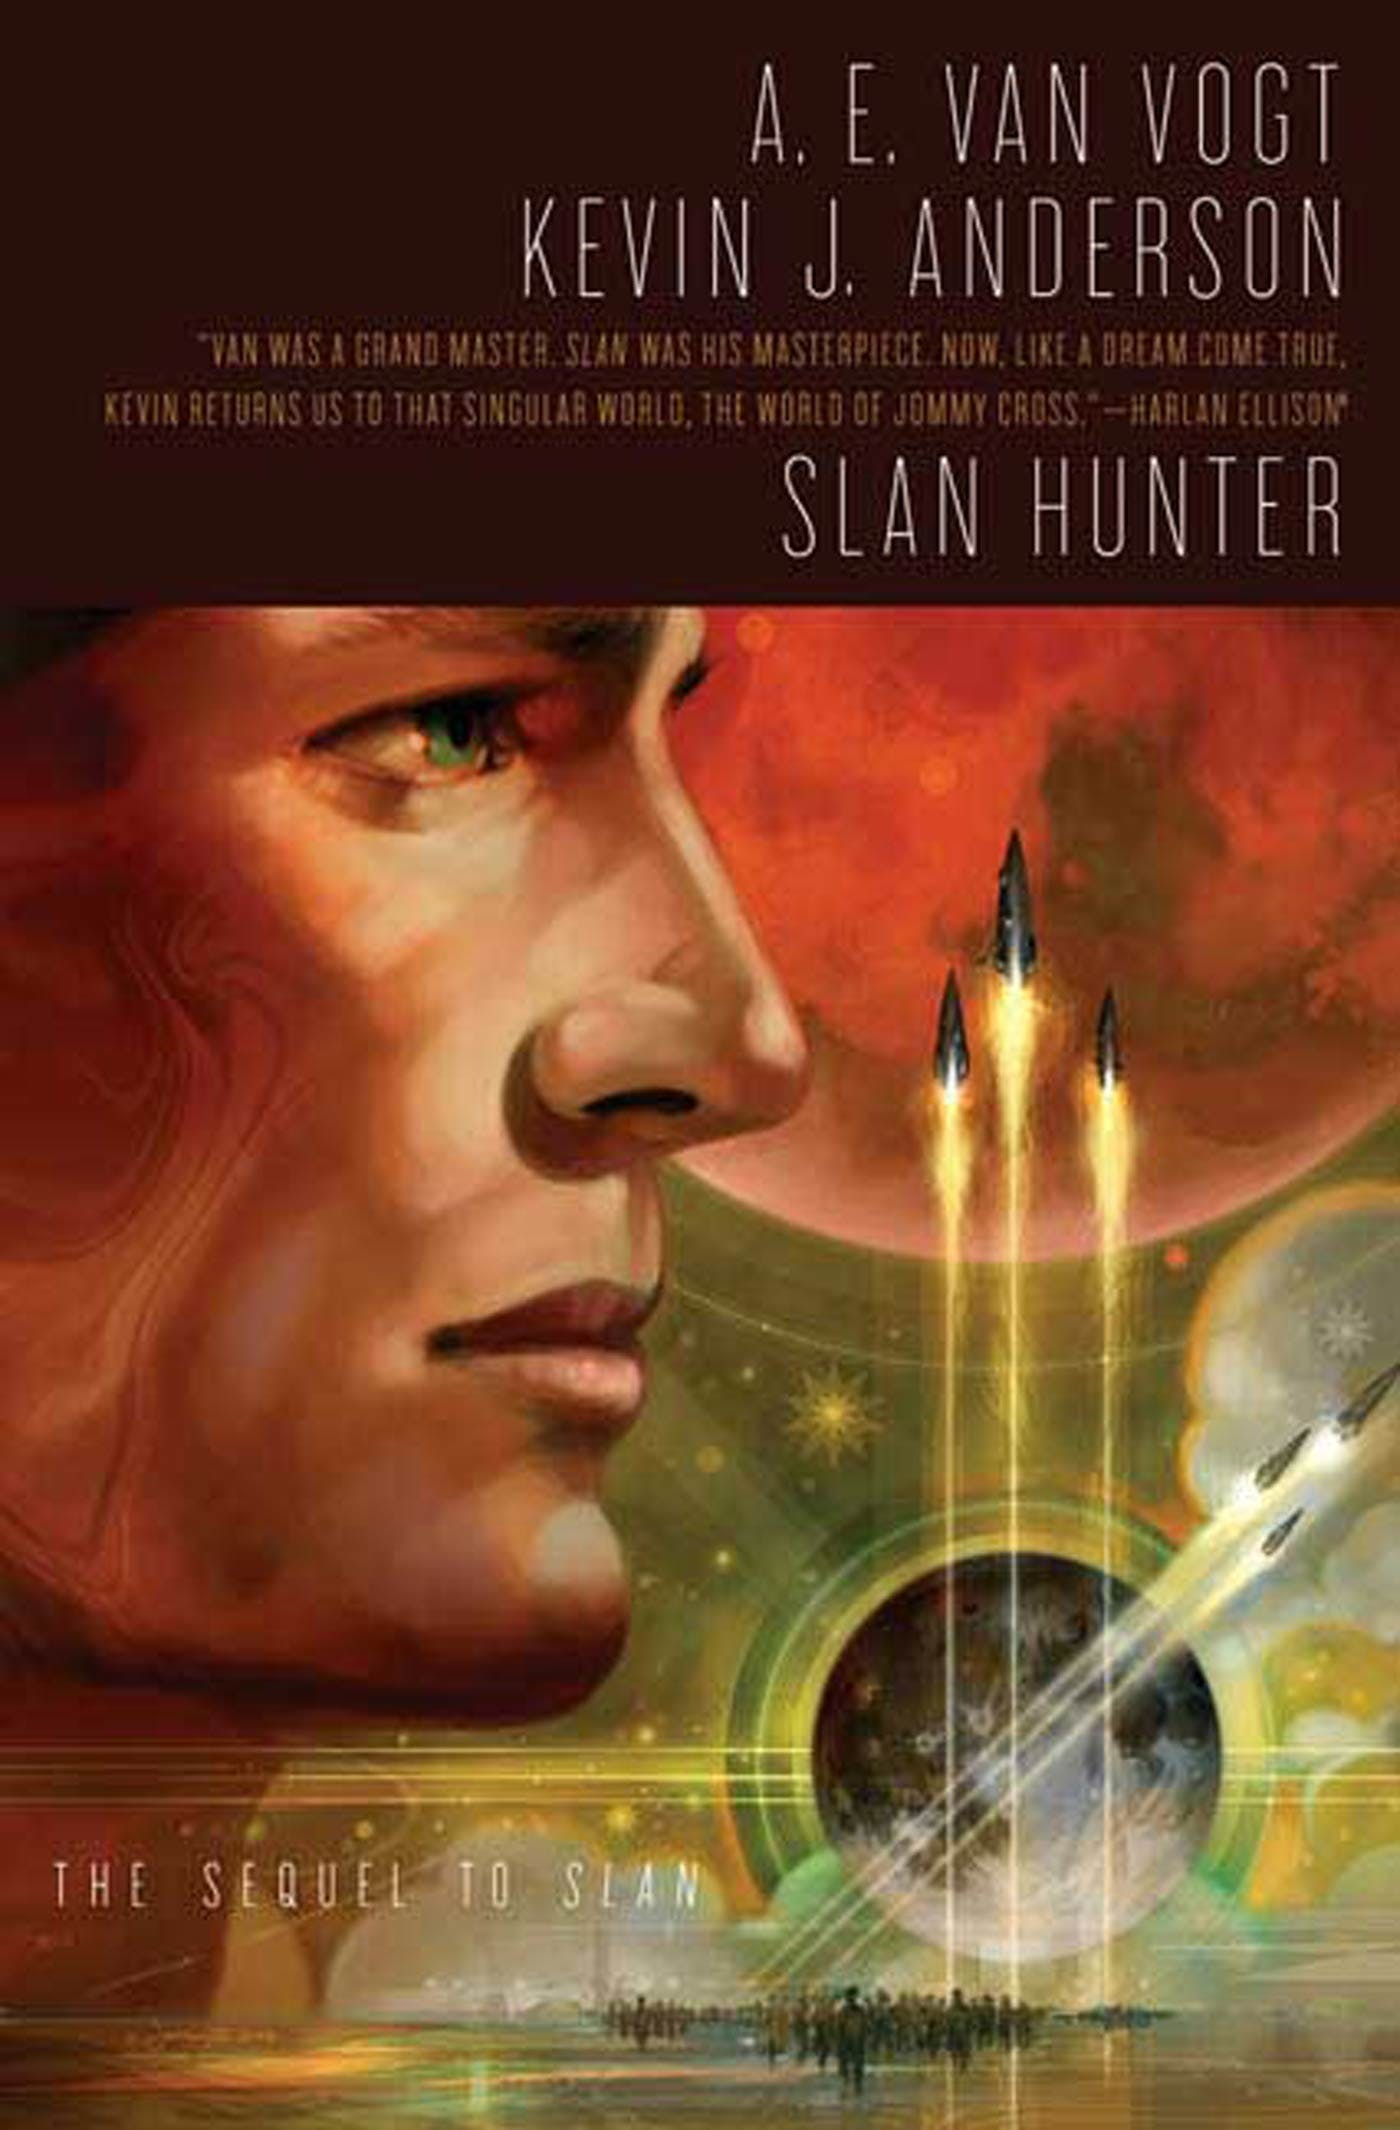 Image of Slan Hunter